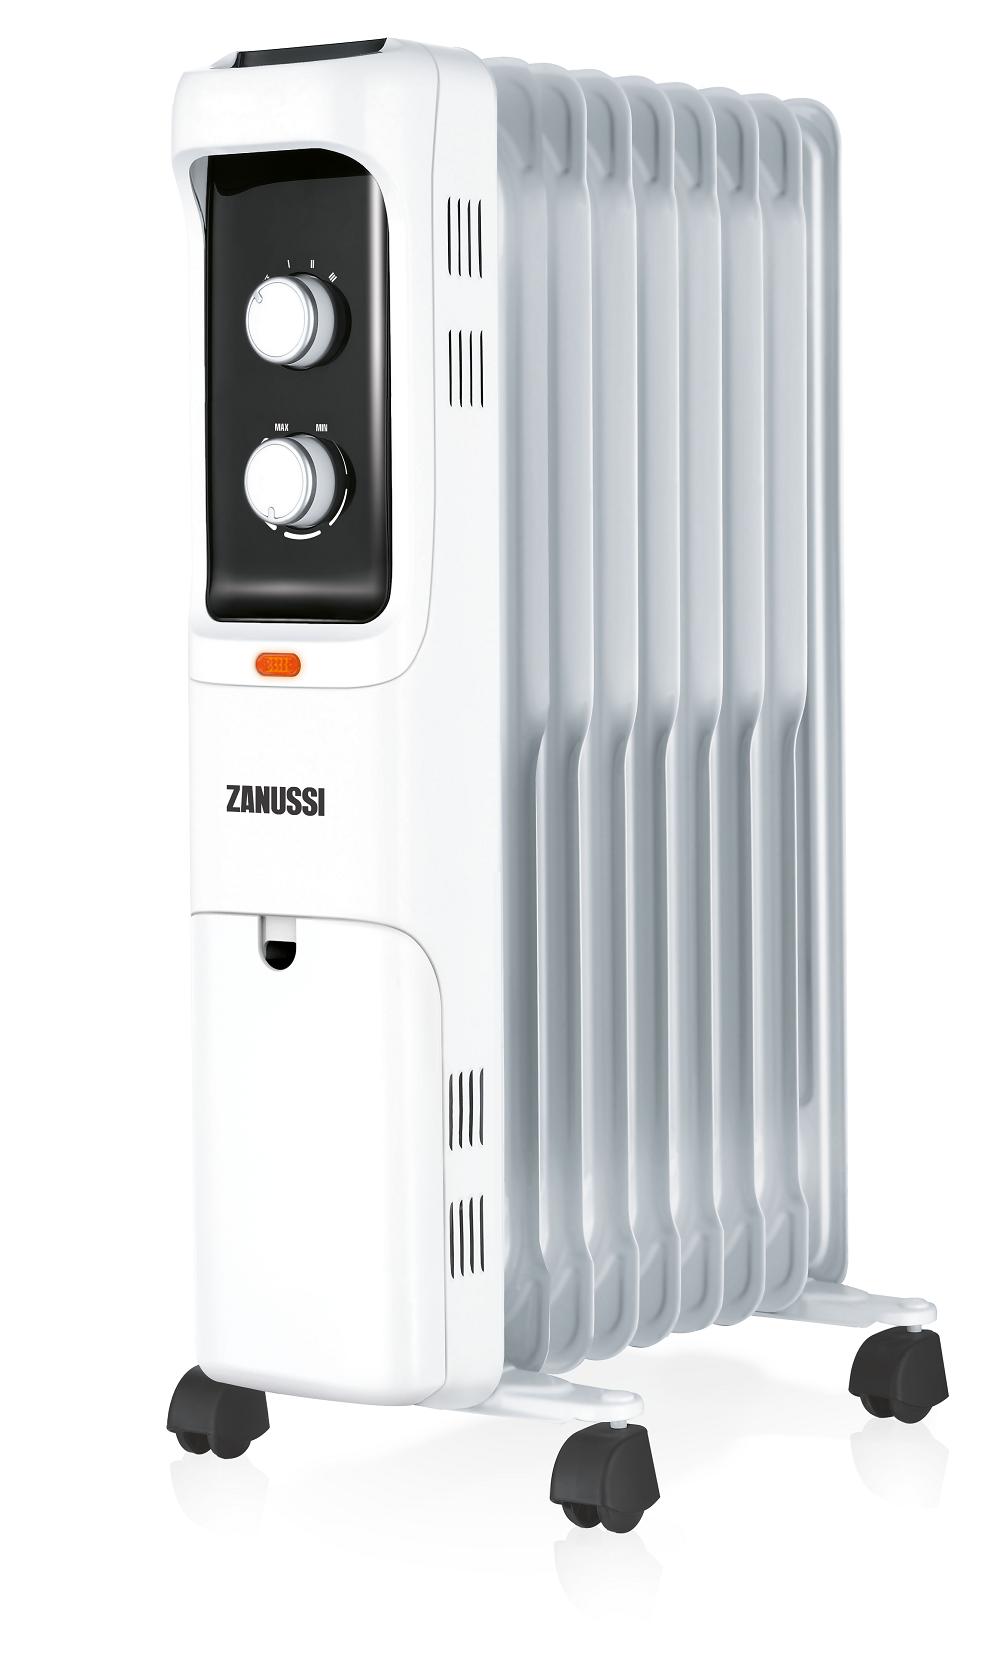 Маслонаполненный радиатор Zanussi серии LOFT — новинка отопительного сезона 2017–2018